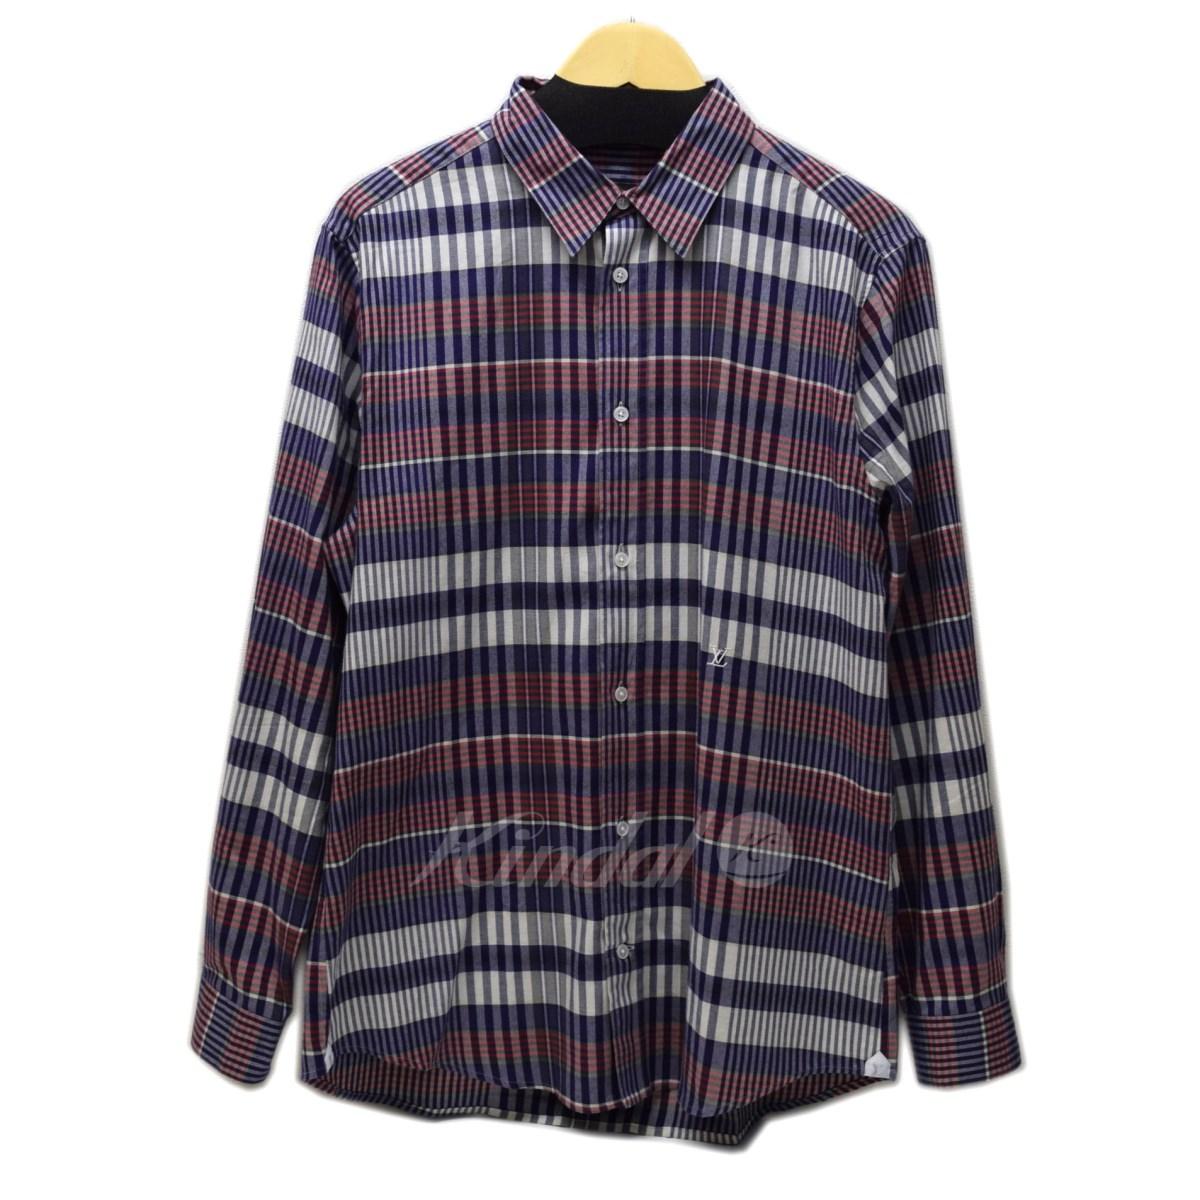 【中古】LOUIS VUITTON ビエラチェックシャツ ネイビーxレッド サイズ:XL 【送料無料】 【141018】(ルイヴィトン)